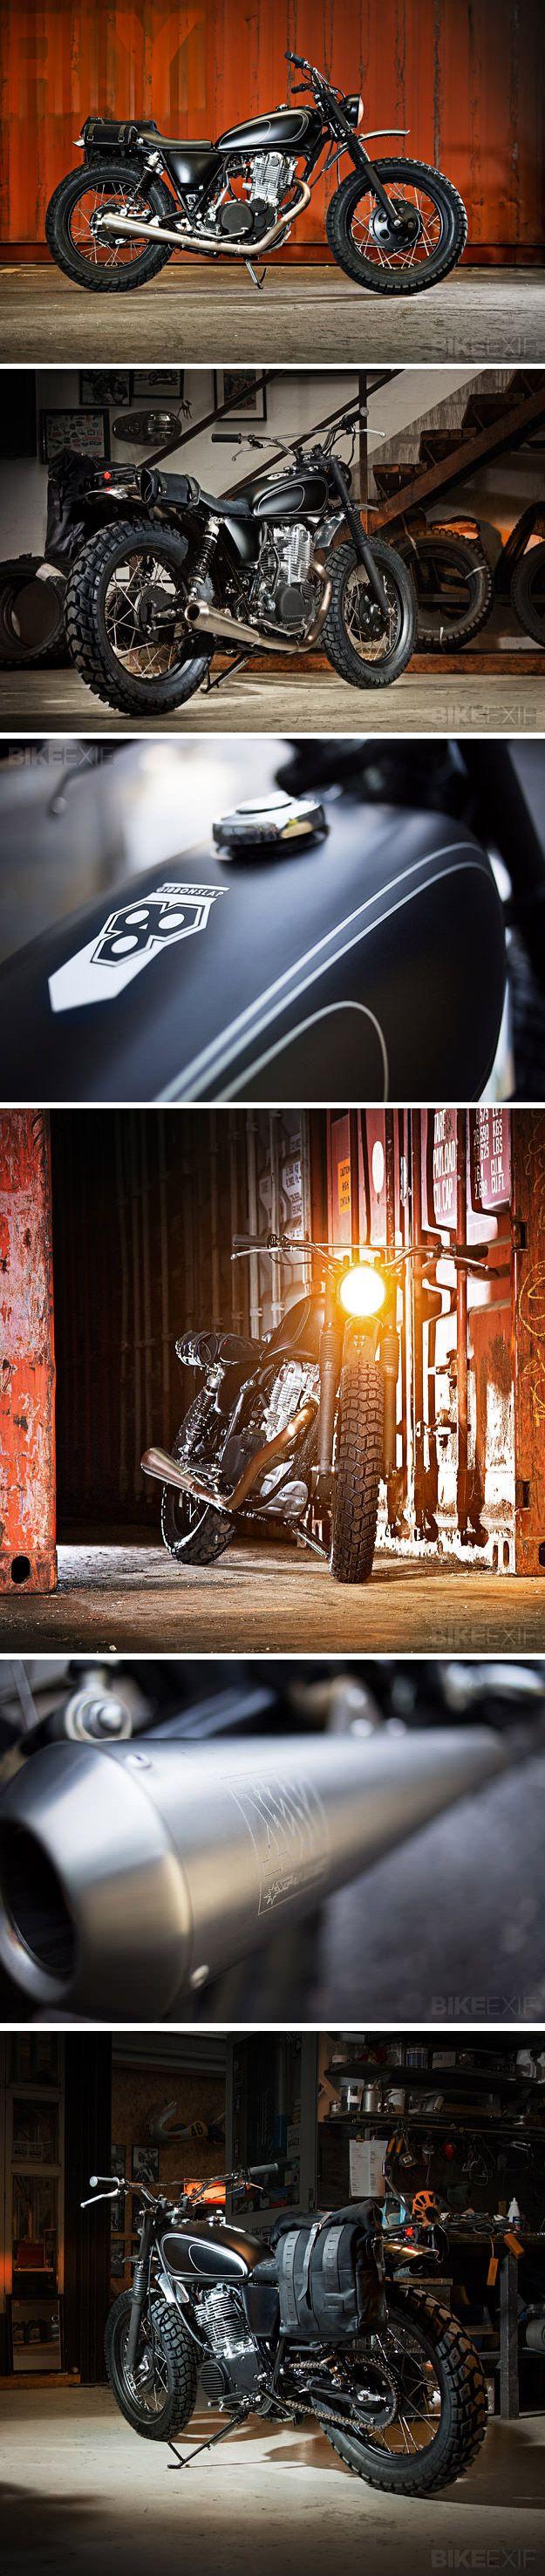 Yamaha SR400 - Wrenchmonkeys. Seen on http://www.bikeexif.com/yamaha-sr400-wrenchmonkees